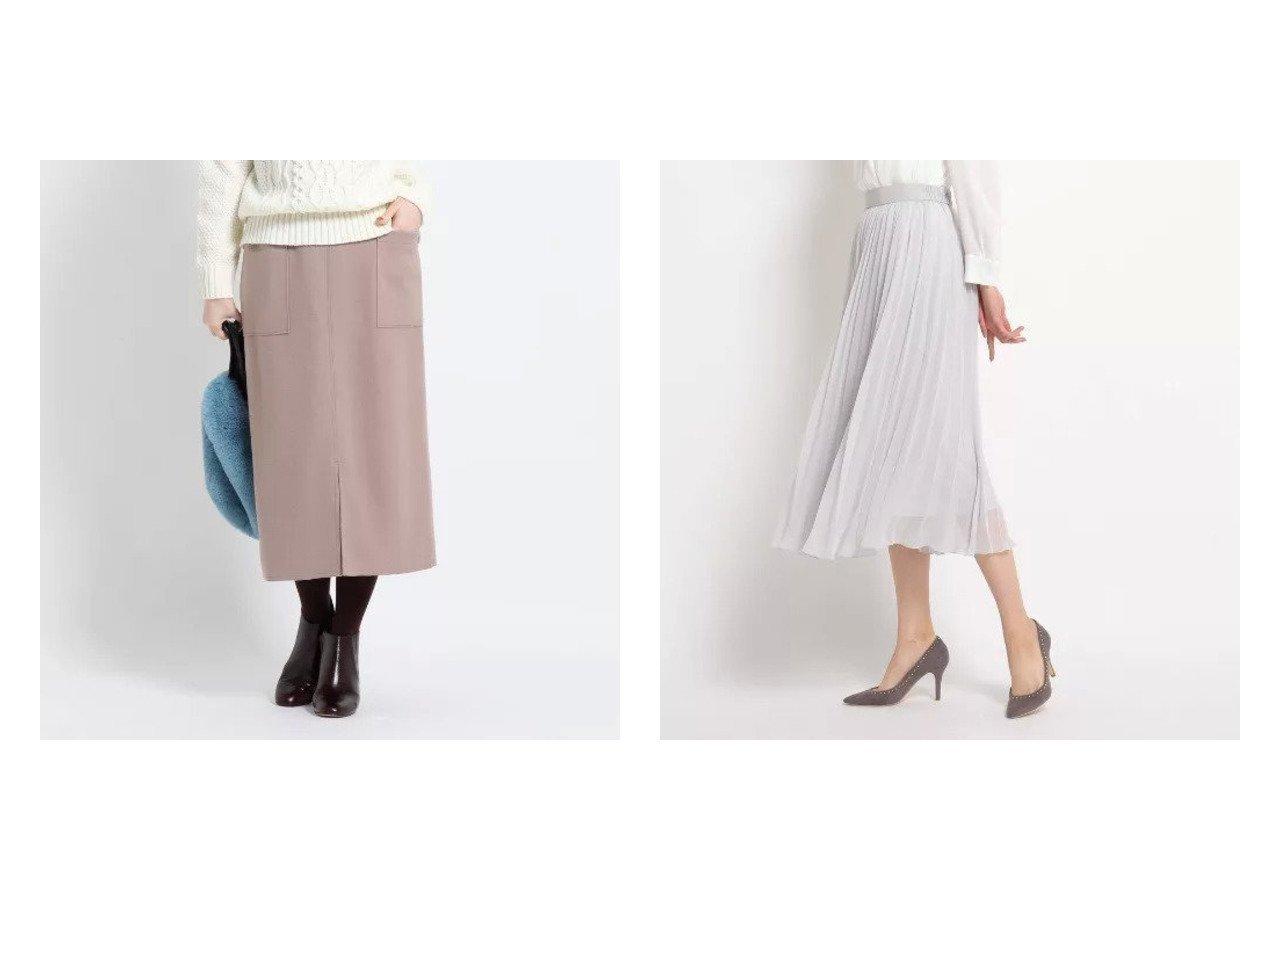 【Dessin/デッサン】の【XS~Lサイズあり】ジャージメルトンタイトスカート&【COUP DE CHANCE/クード シャンス】の【洗える】エテプリーツフレアスカート スカートのおすすめ!人気、レディースファッションの通販  おすすめで人気のファッション通販商品 インテリア・家具・キッズファッション・メンズファッション・レディースファッション・服の通販 founy(ファニー) https://founy.com/ ファッション Fashion レディース WOMEN スカート Skirt Aライン/フレアスカート Flared A-Line Skirts タイトスカート ポケット シアー プリーツ |ID:crp329100000004078